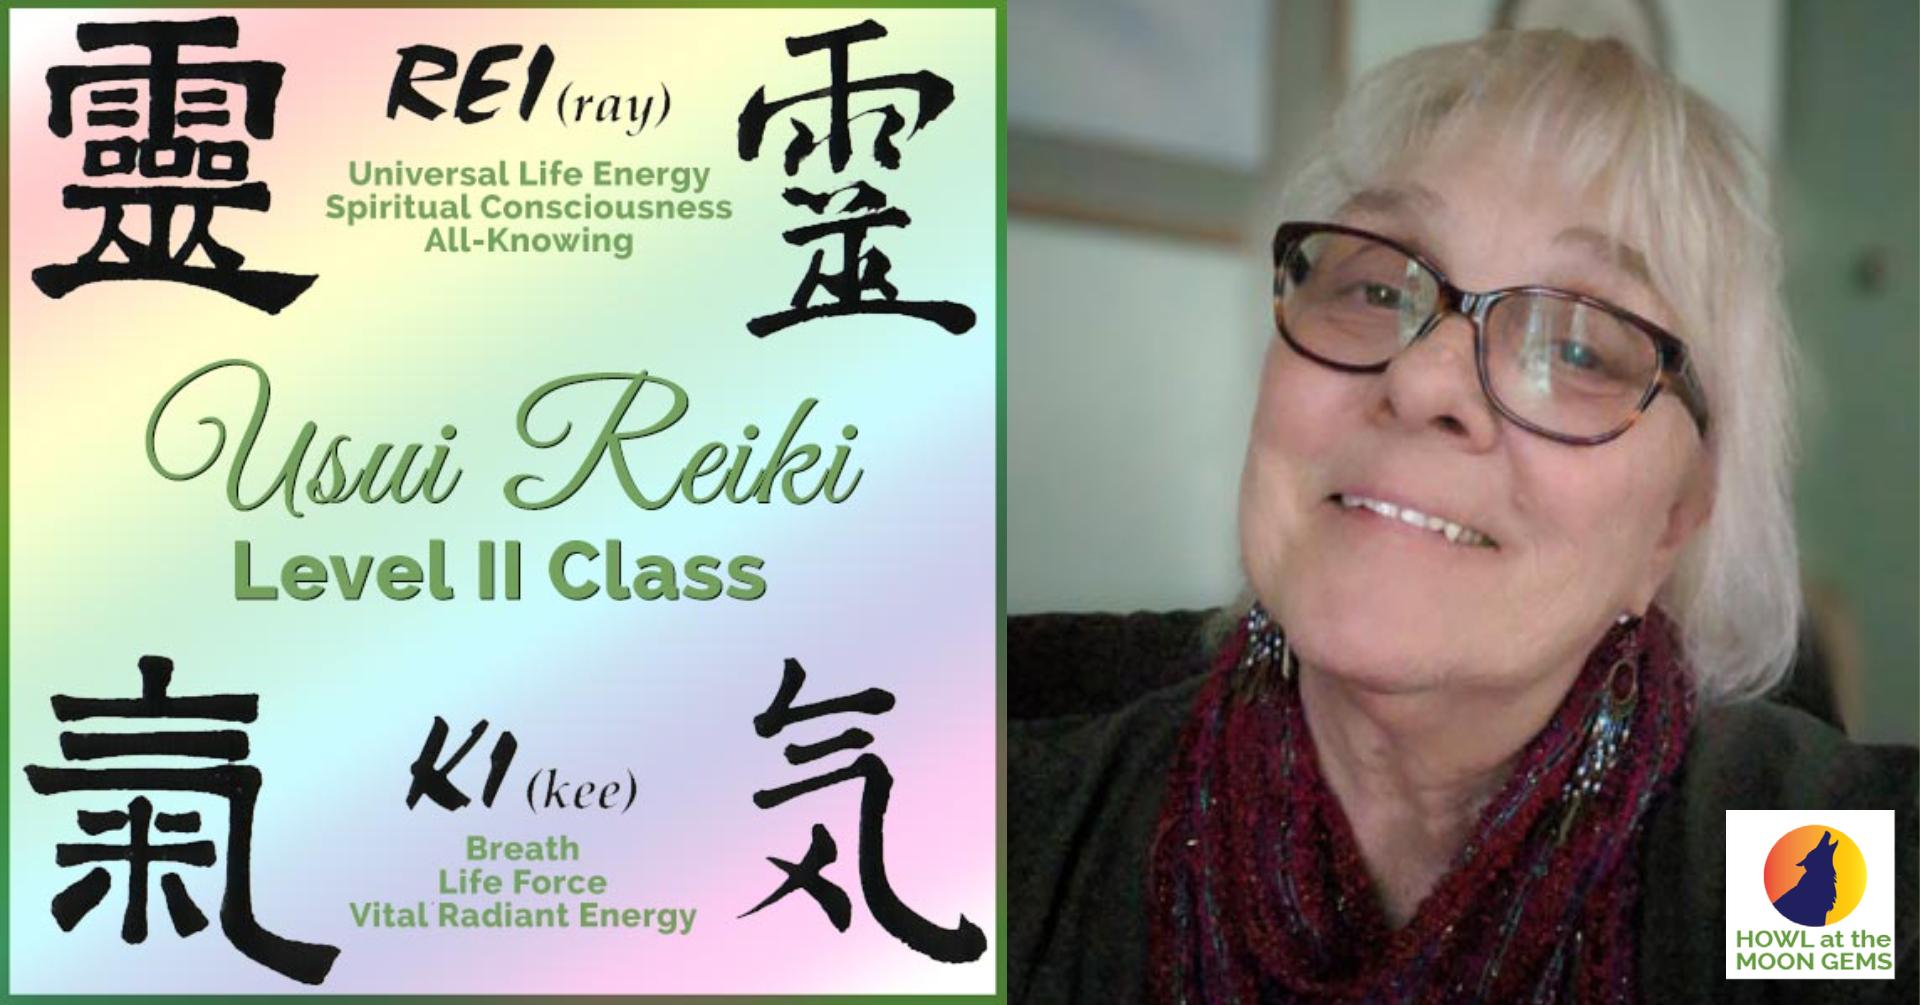 Reiki Level II Class